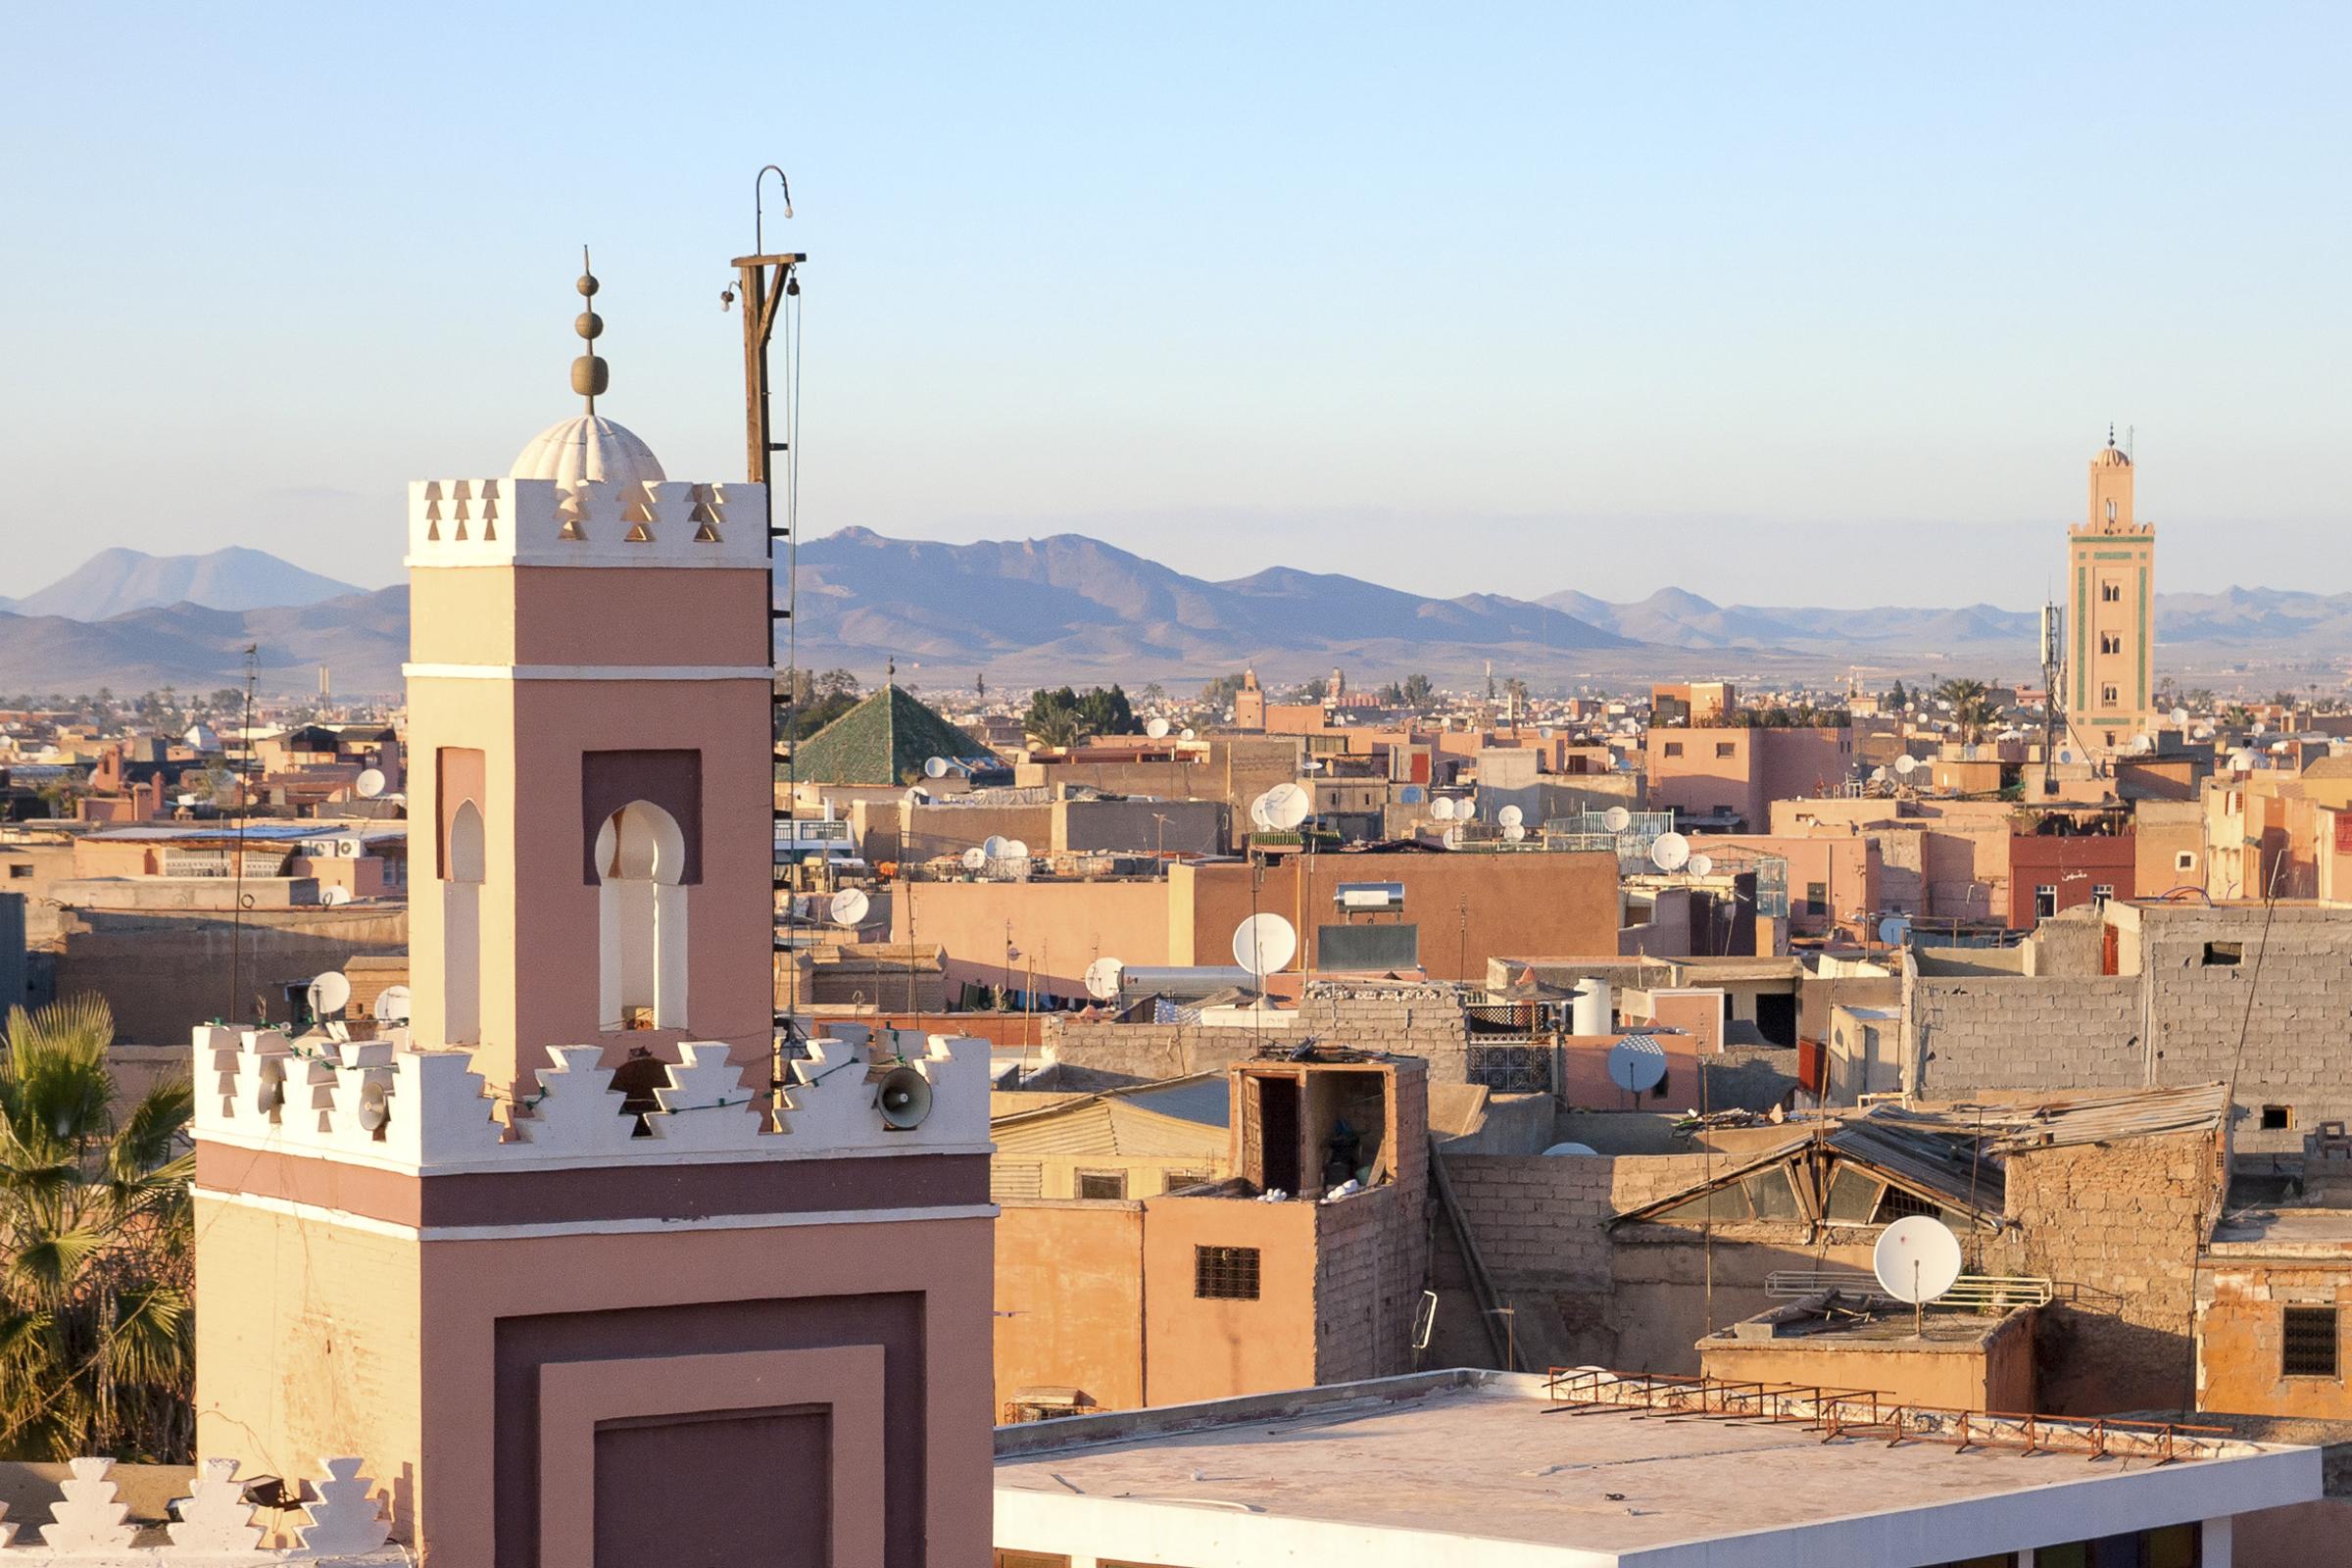 Historical city of Marrakech, Morocco